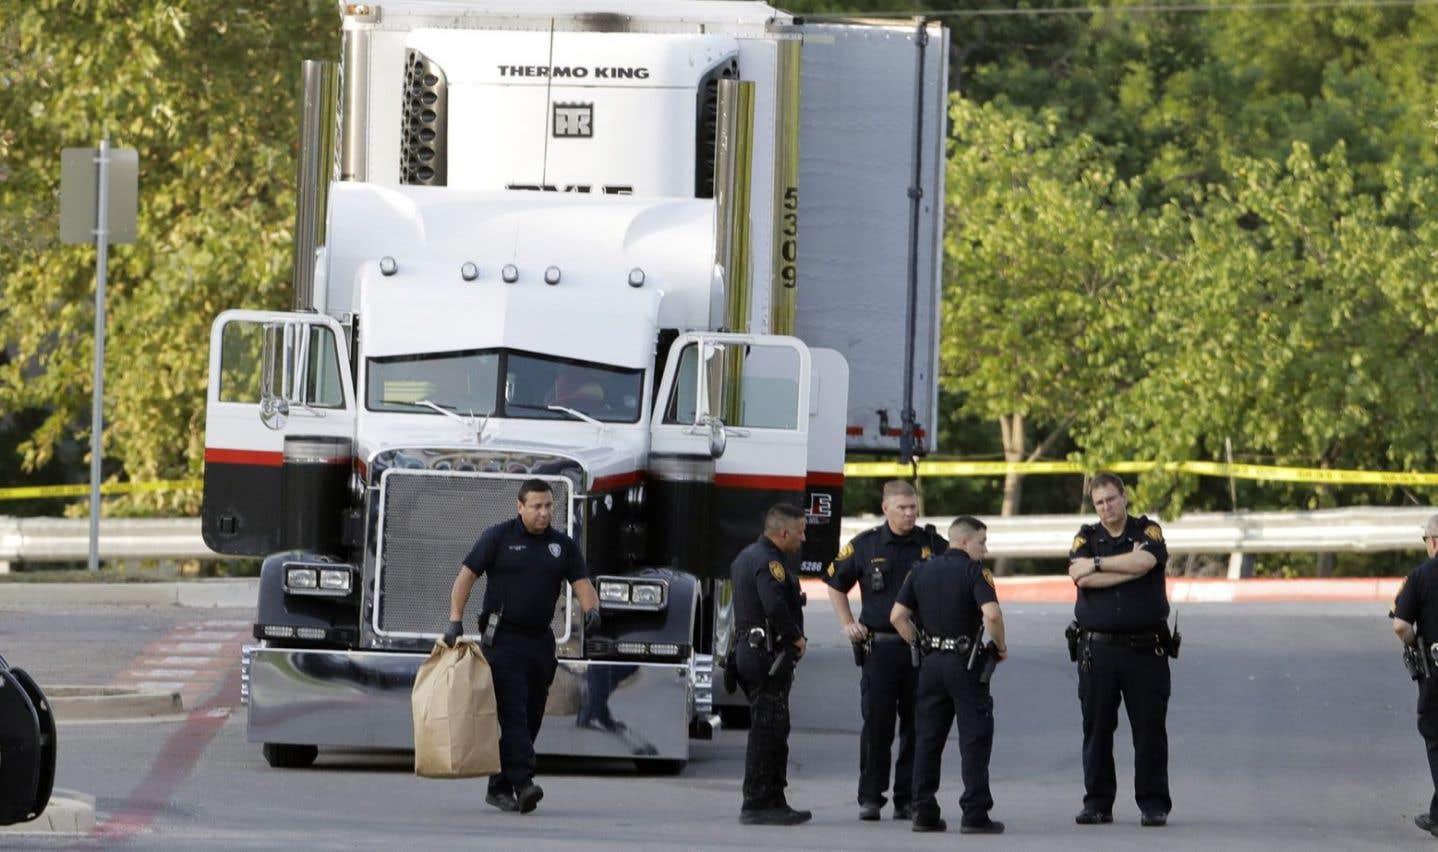 Le chauffeur du camion a été arrêté.